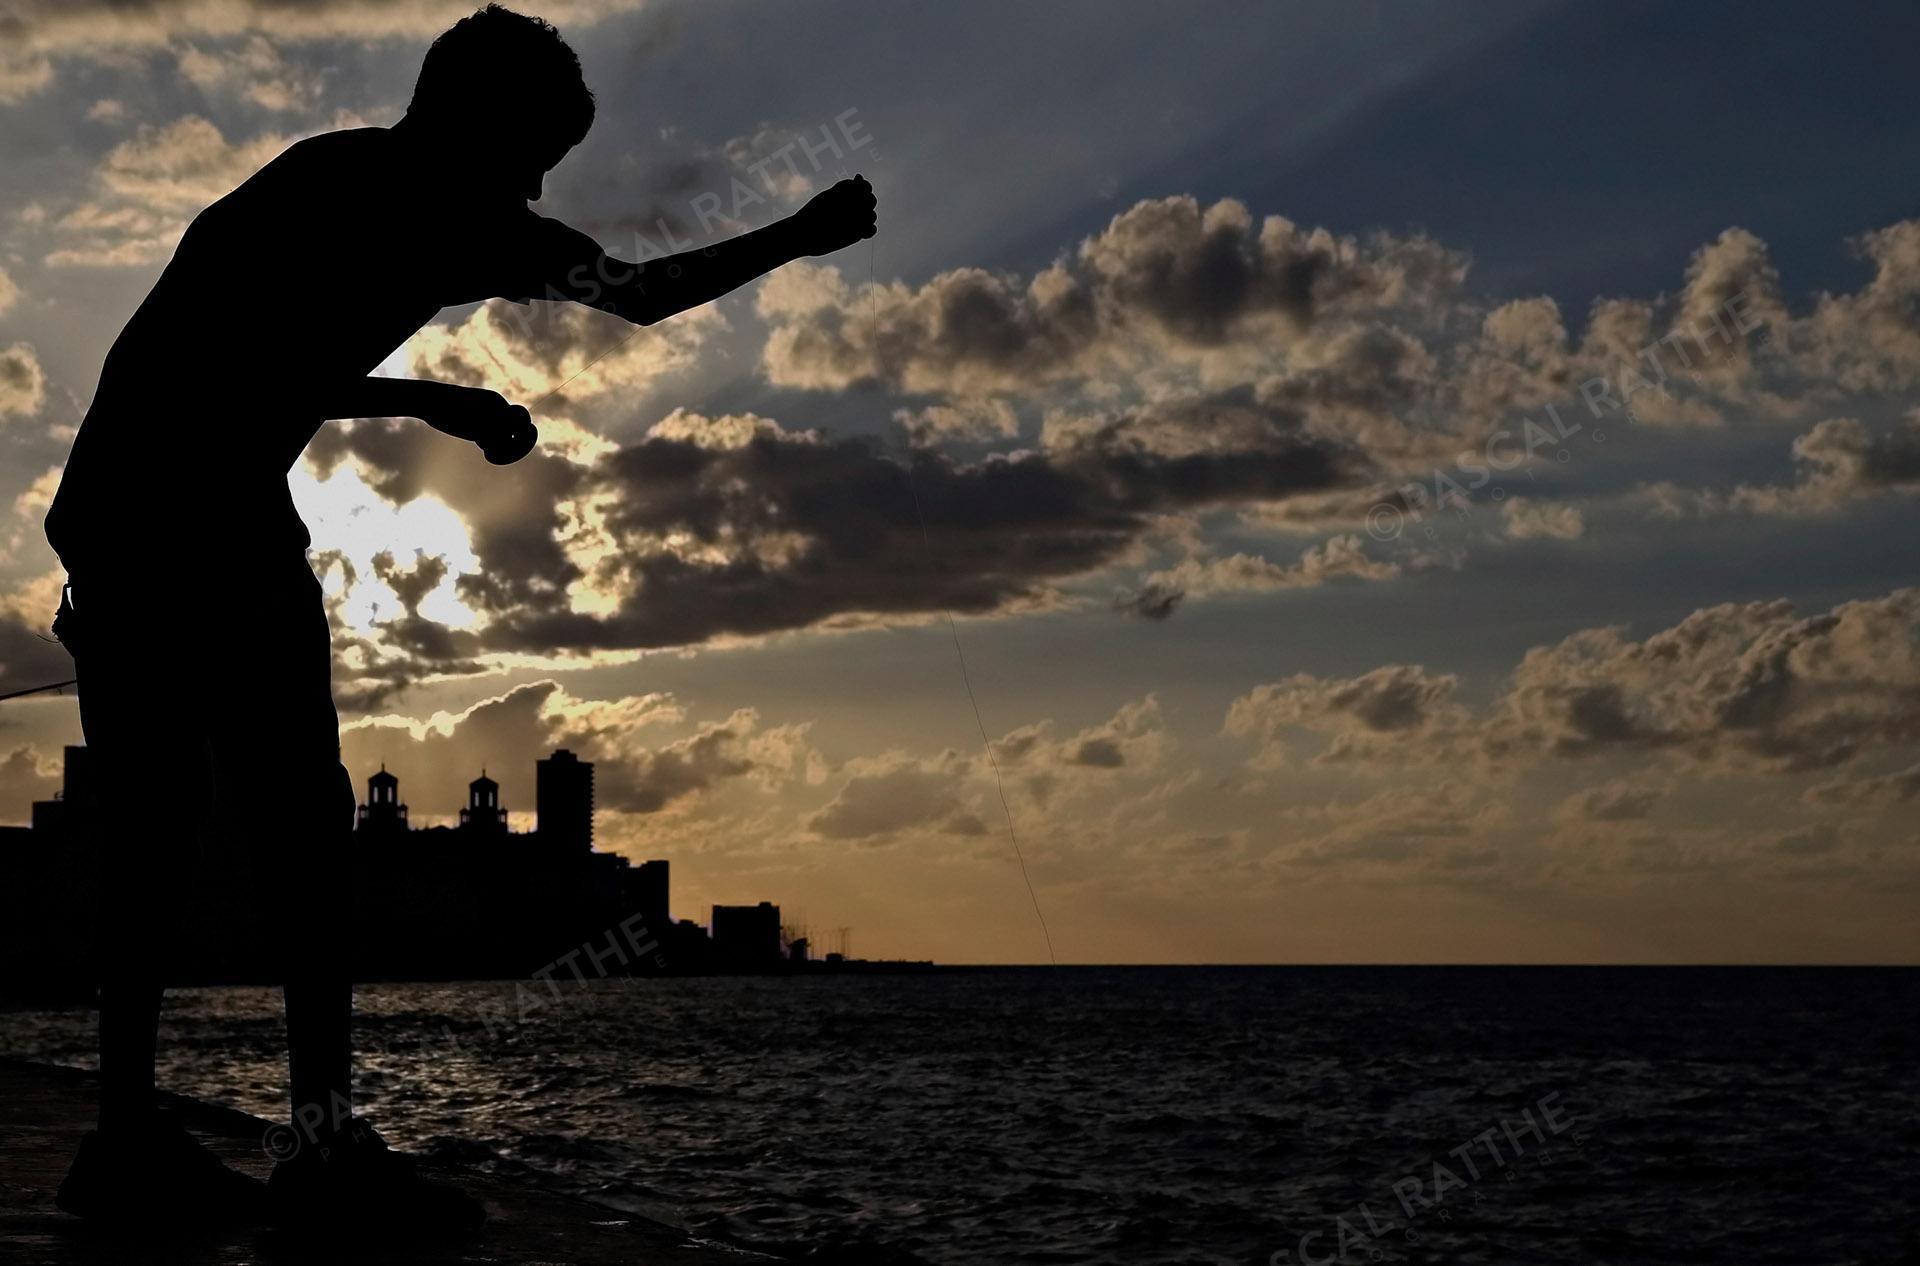 couché de soleil à la havane, Le Malecon, un jeune pêcheur